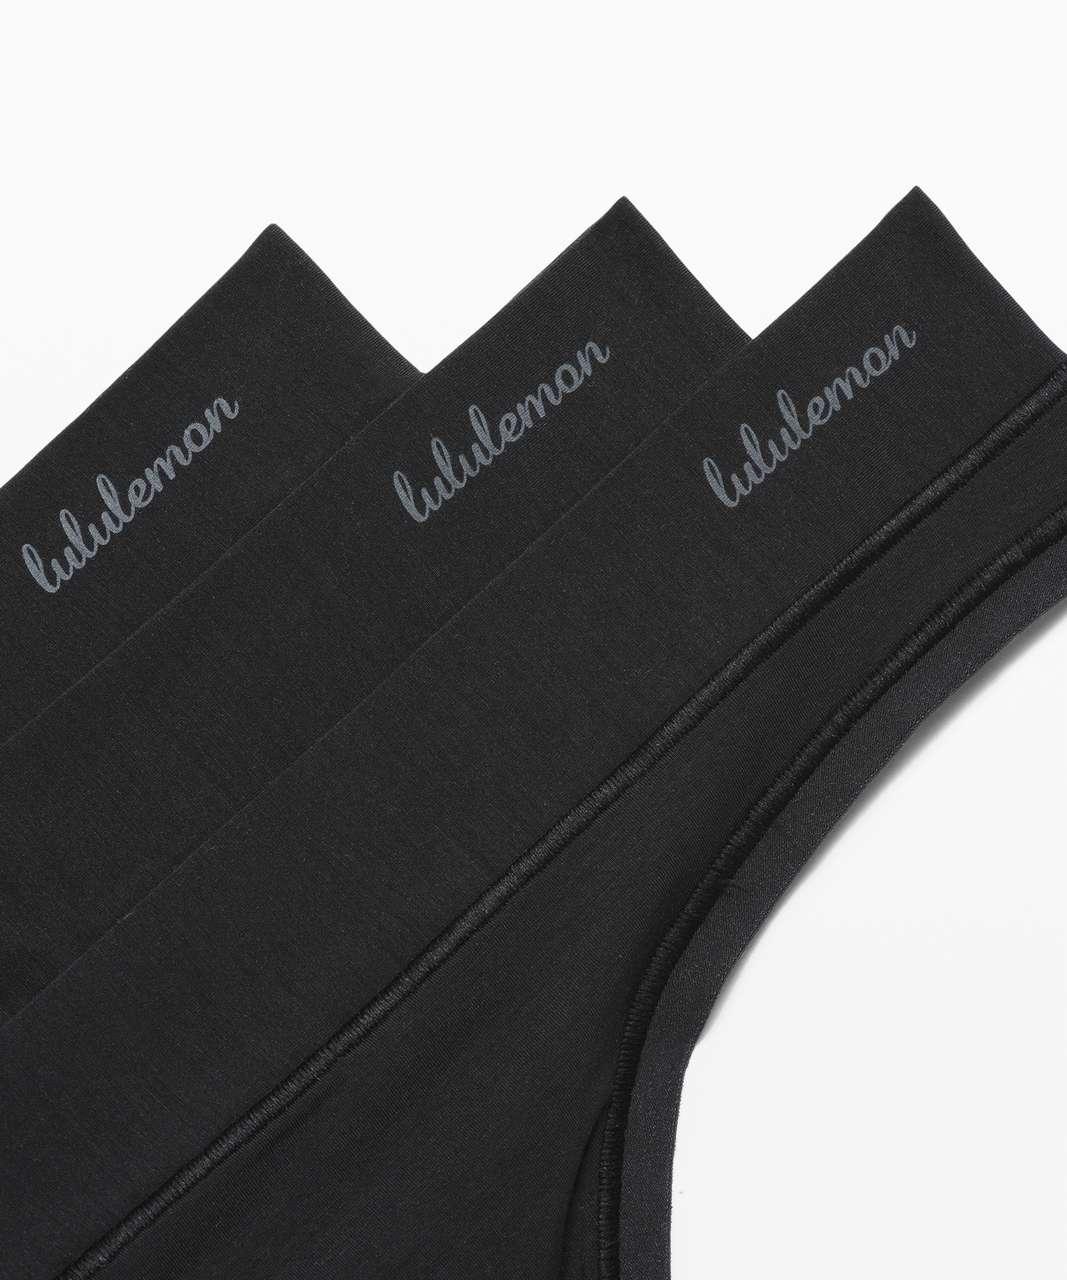 Lululemon Mula Bandhawear Thong *3 Pack - Black / Black / Black